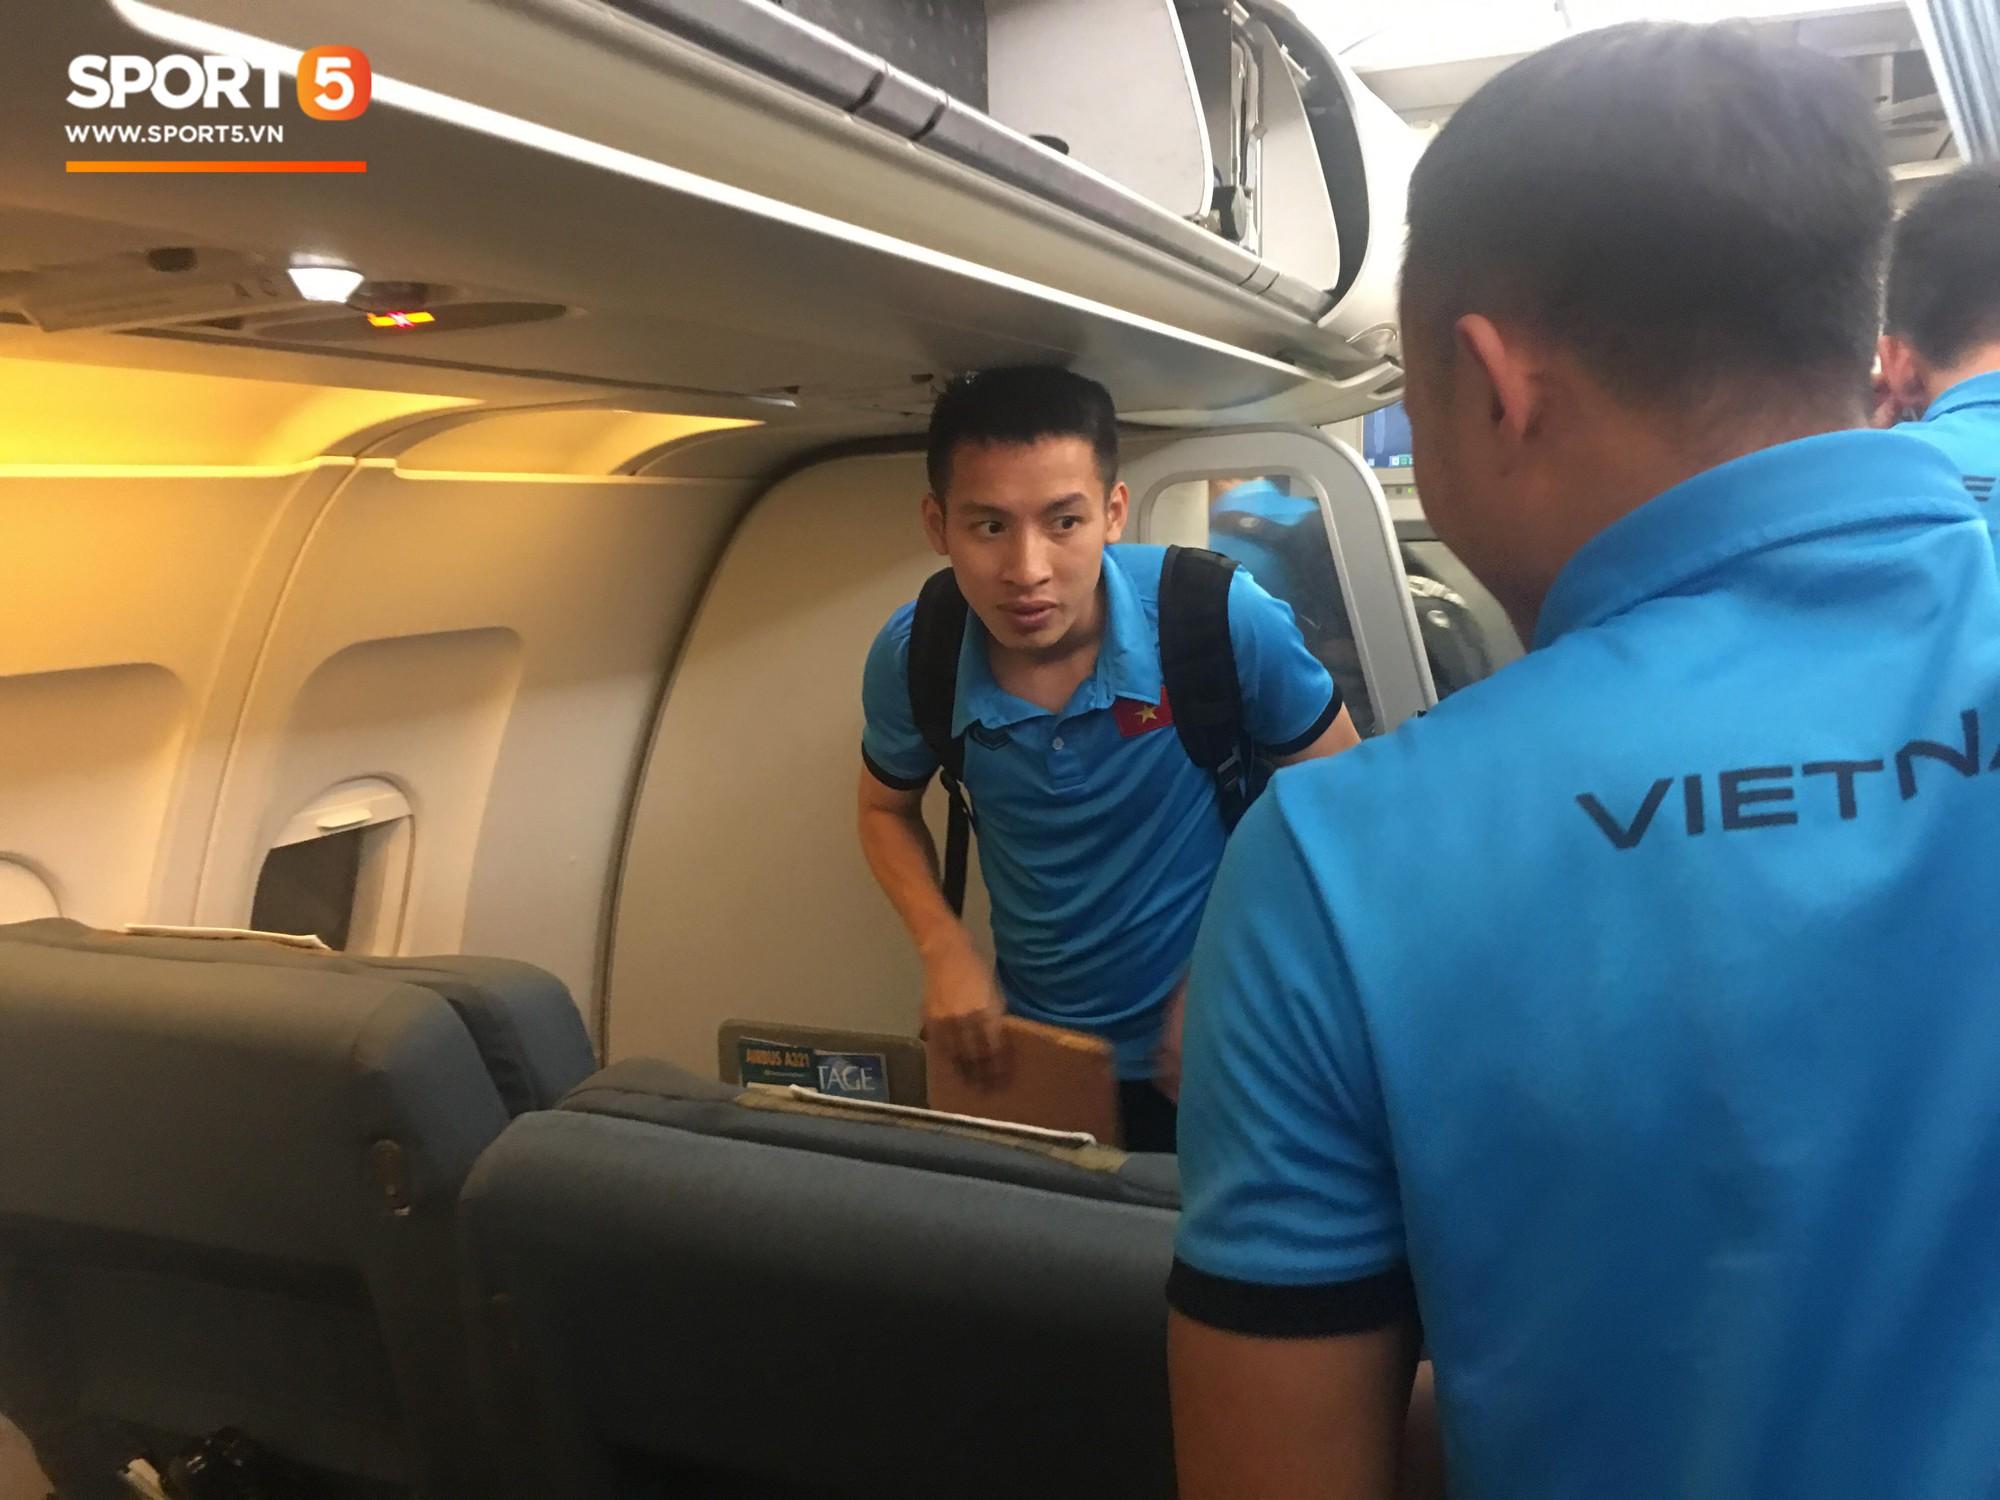 HLV Park Hang-seo nhường ghế thương gia cho học trò chấn thương trên chuyến bay tới Malaysia - Ảnh 1.